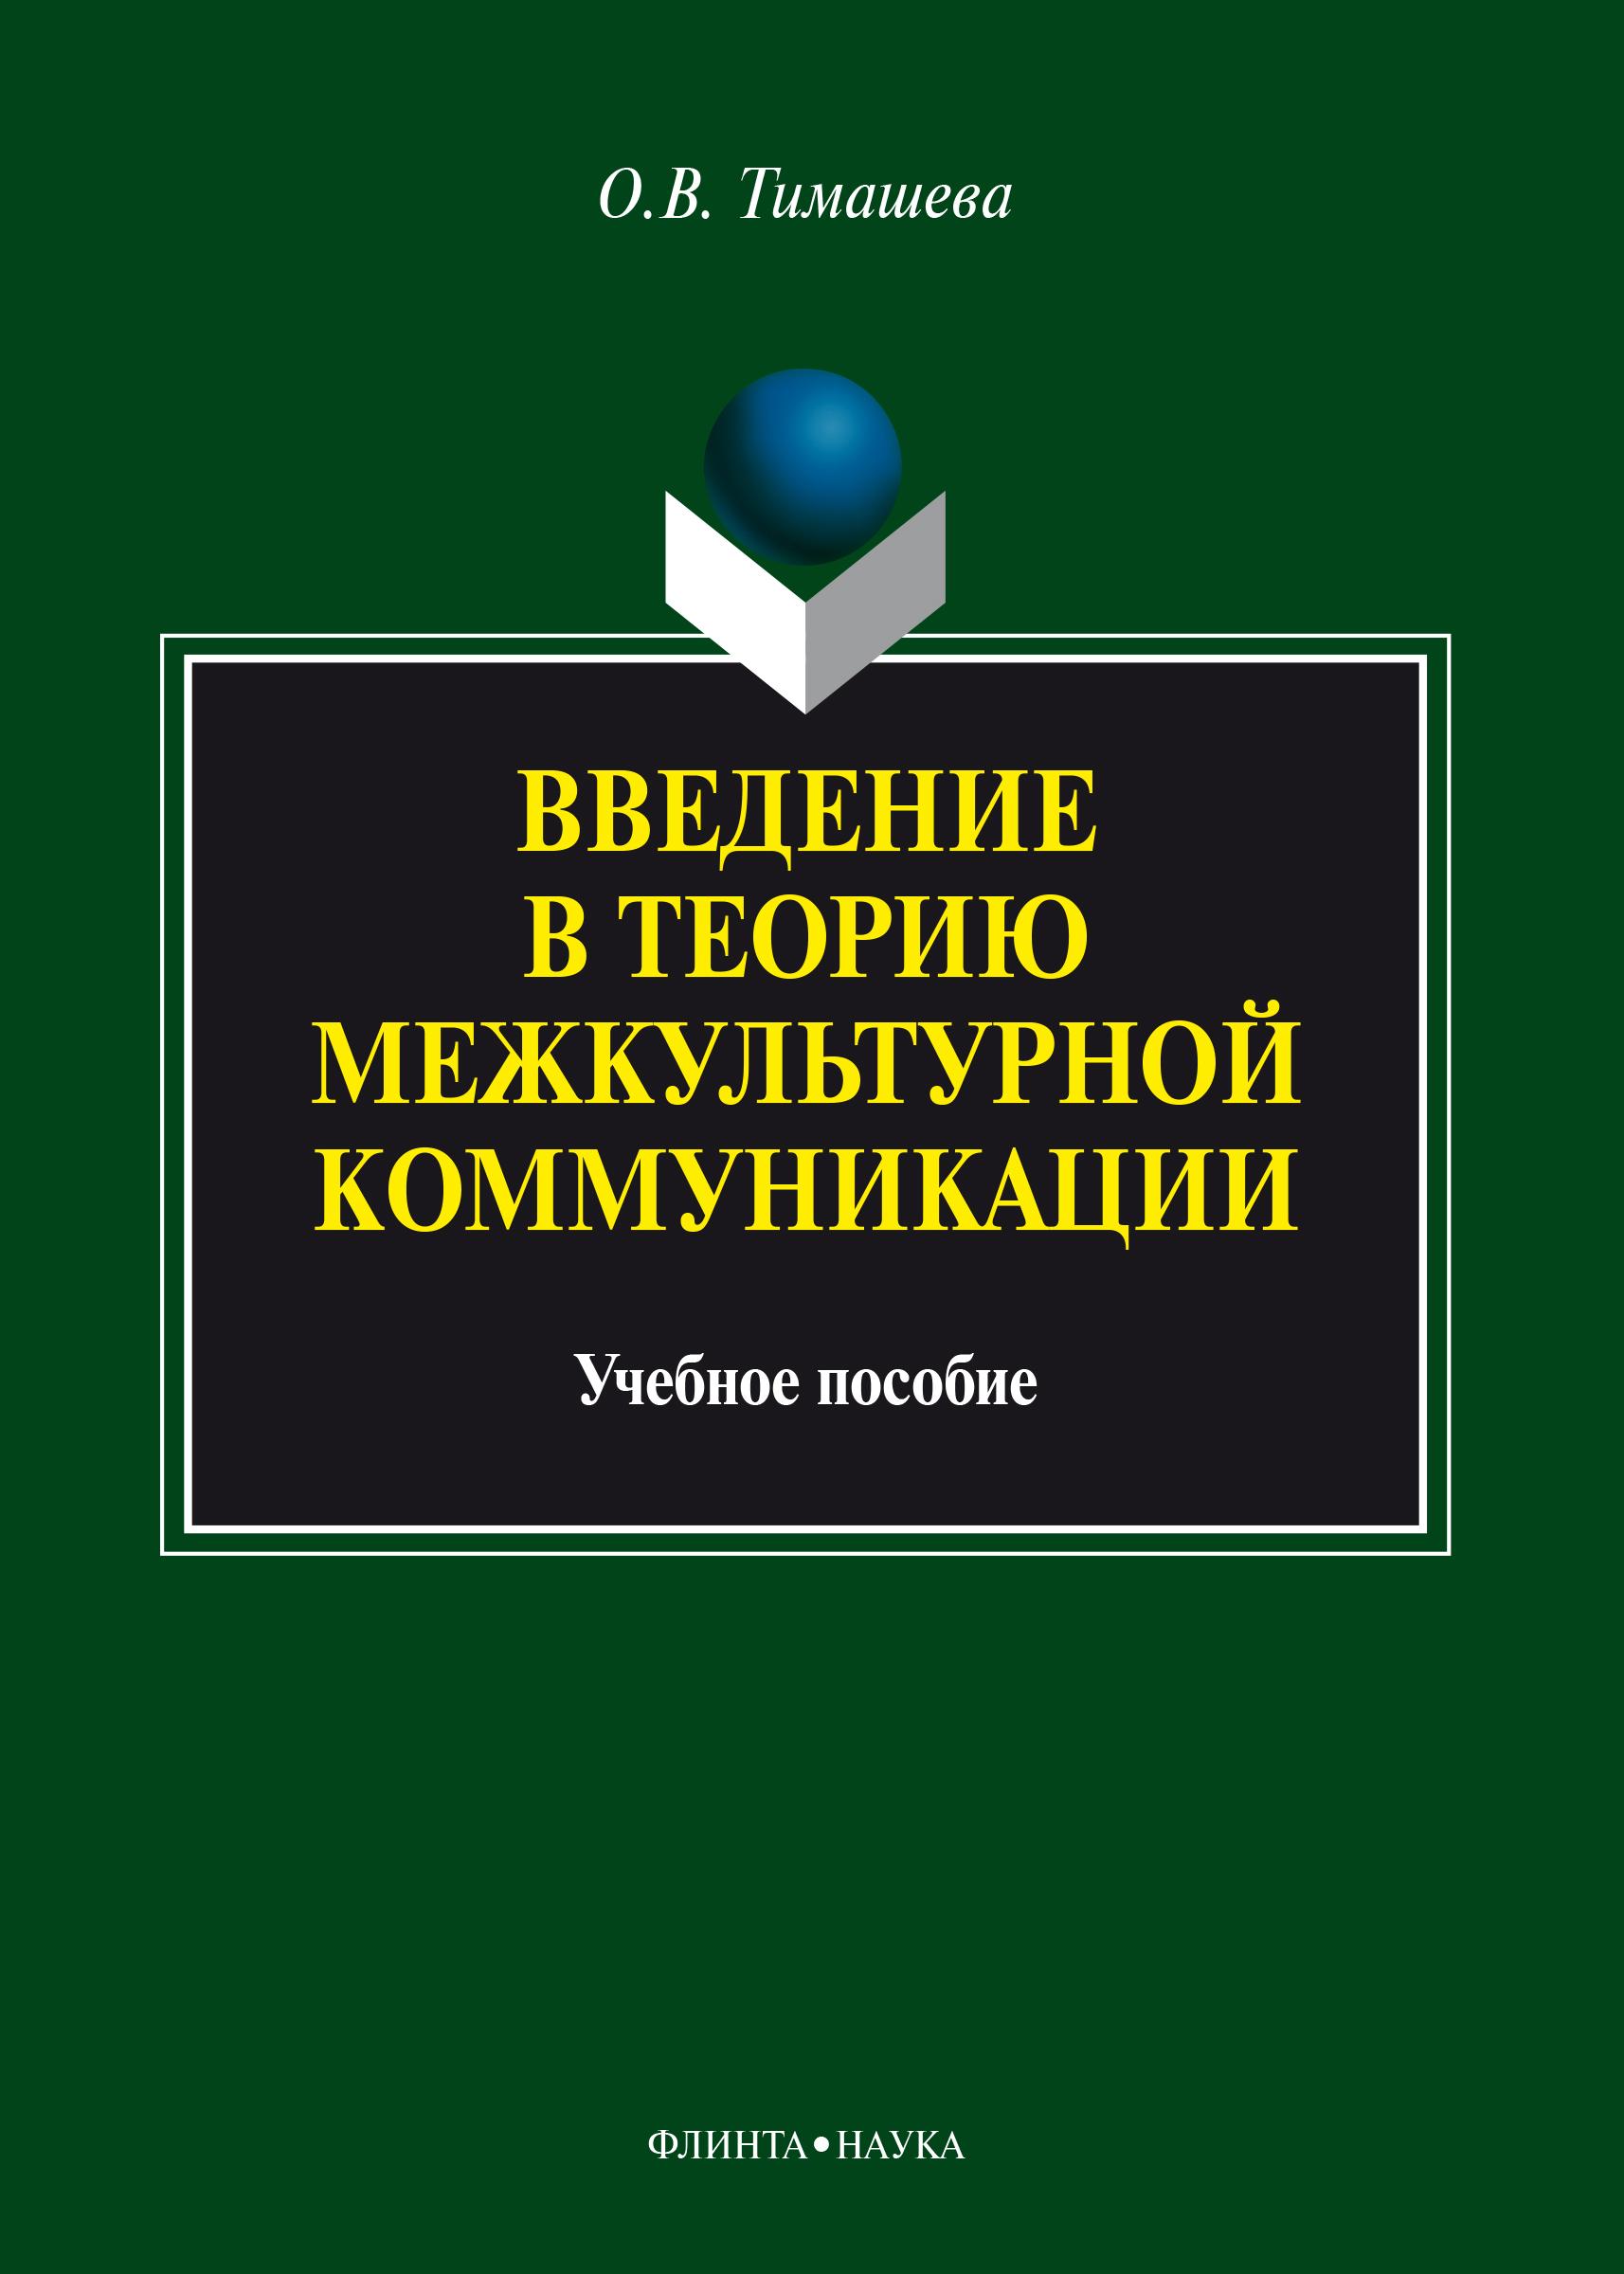 О. В. Тимашева Введение в теорию межкультурной коммуникации гриль gfgril gf 080